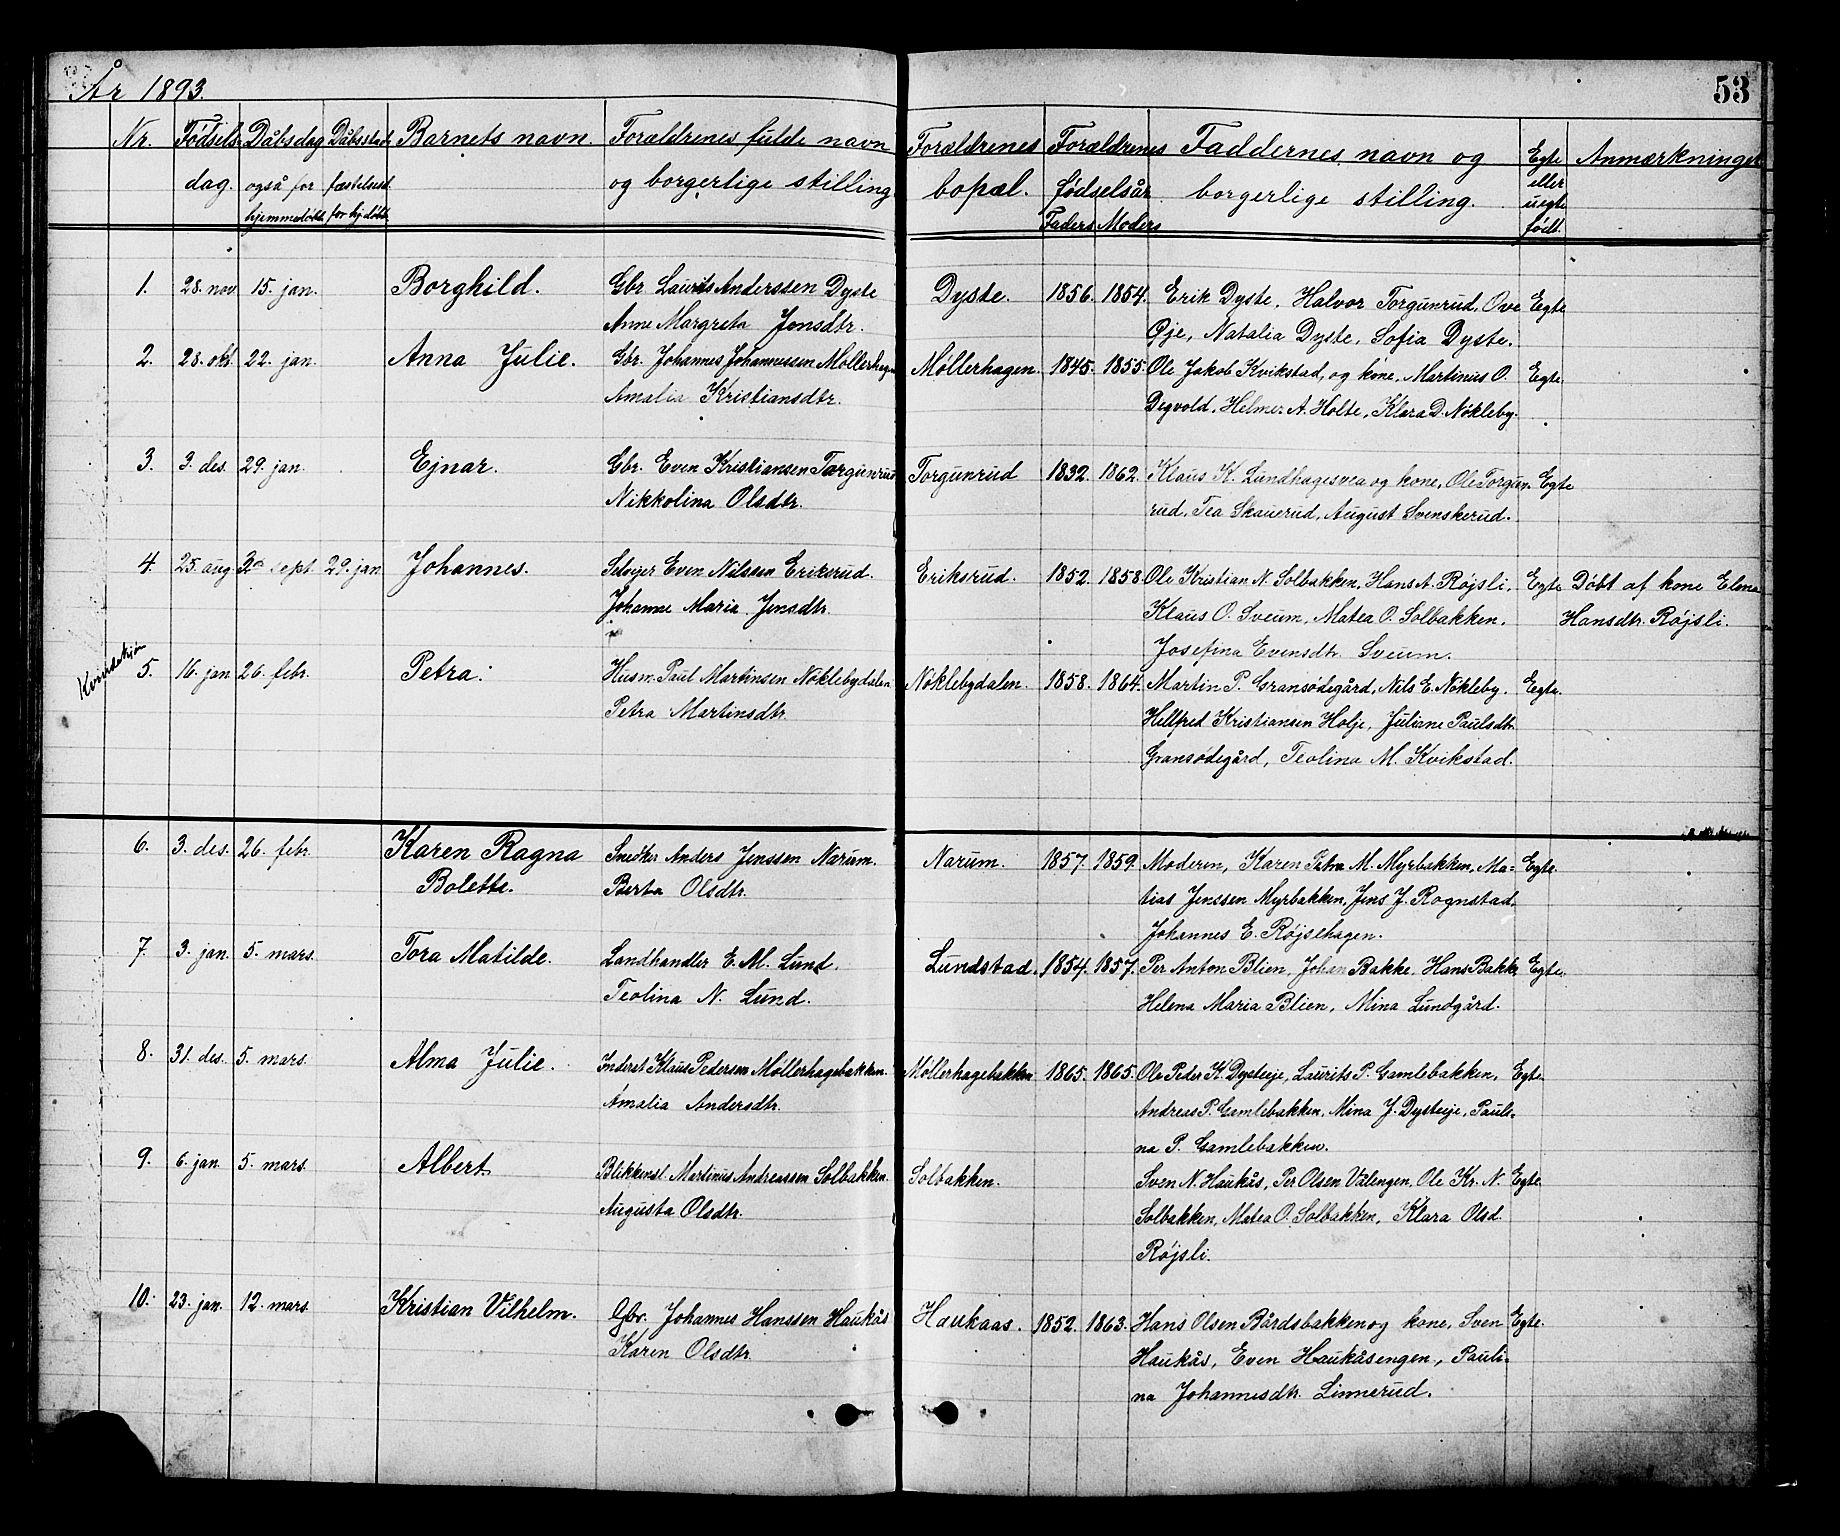 SAH, Vestre Toten prestekontor, Klokkerbok nr. 8, 1885-1900, s. 53